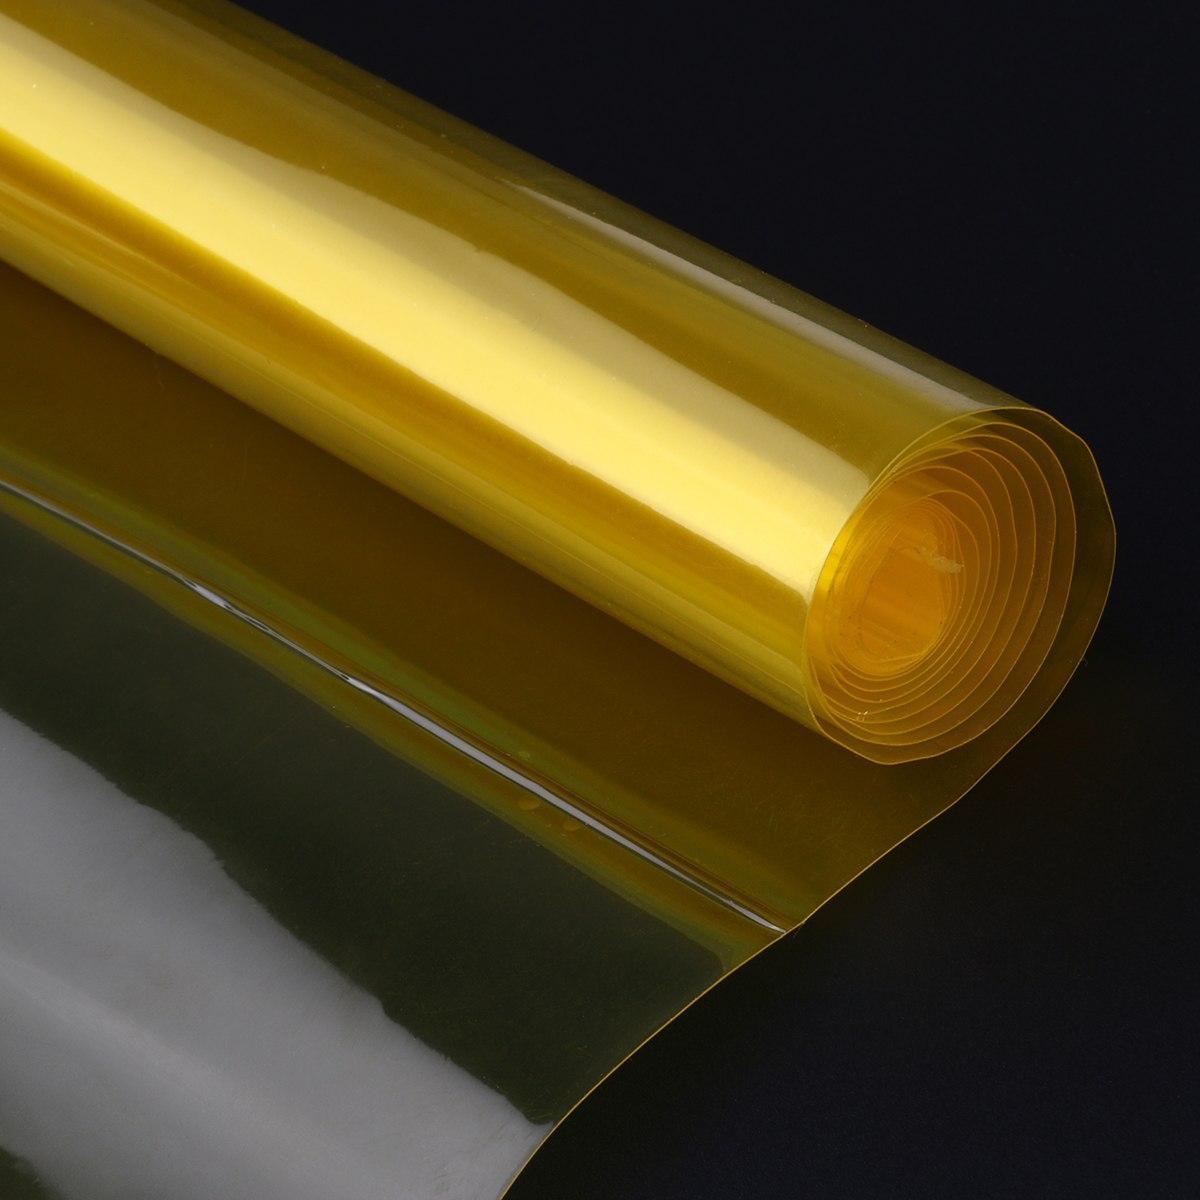 Тонировочная пленка хамелеон 120 х 30 см (Желтая). Автомобильная виниловая плёнка на фары